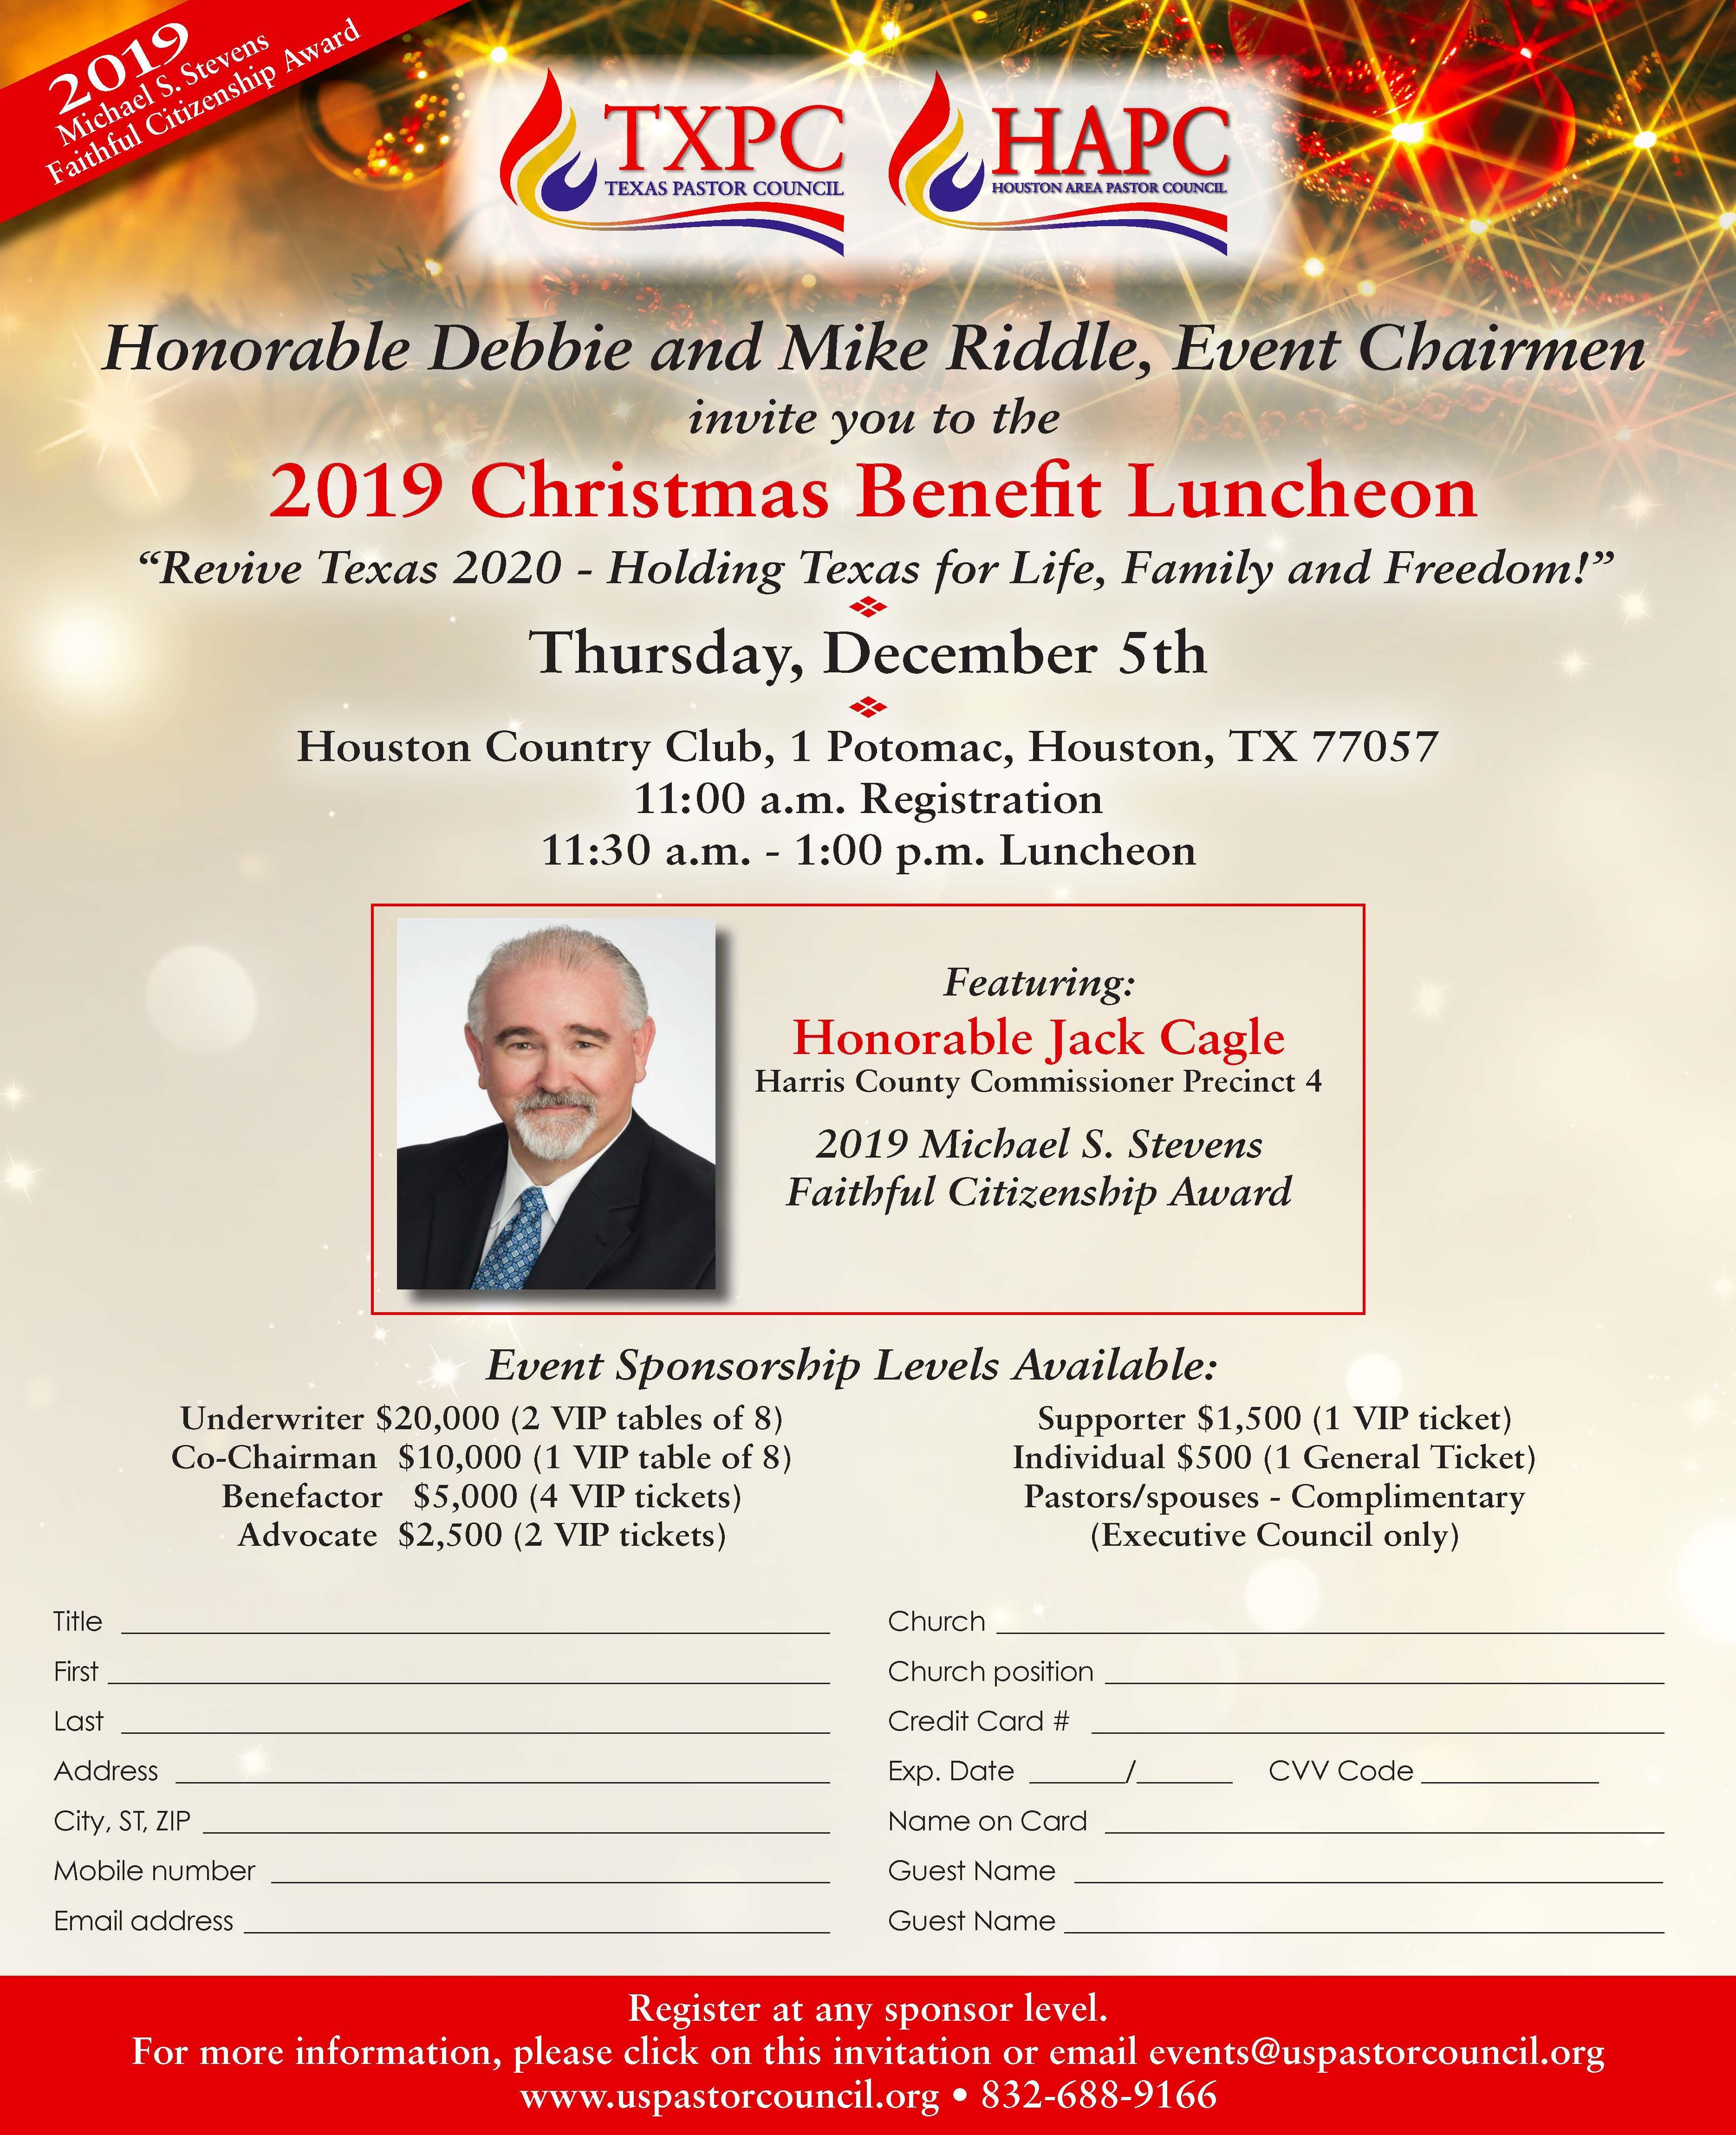 2019 USPC Christmas Benefit Luncheon